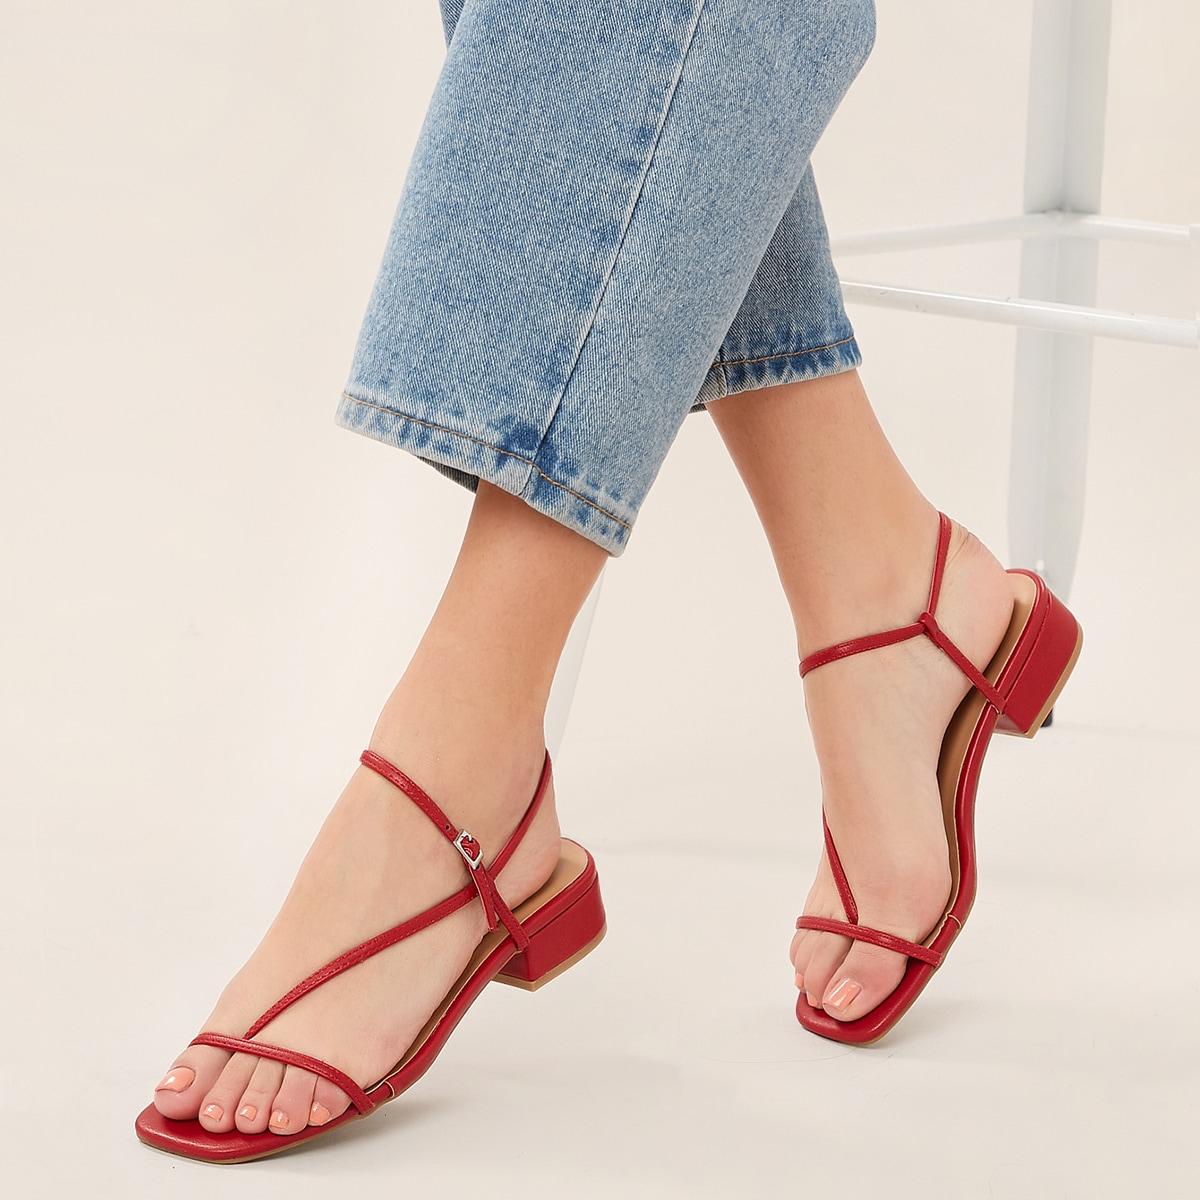 Сандалии на каблуках с асимметричные ремешком и квадратным открытым носком